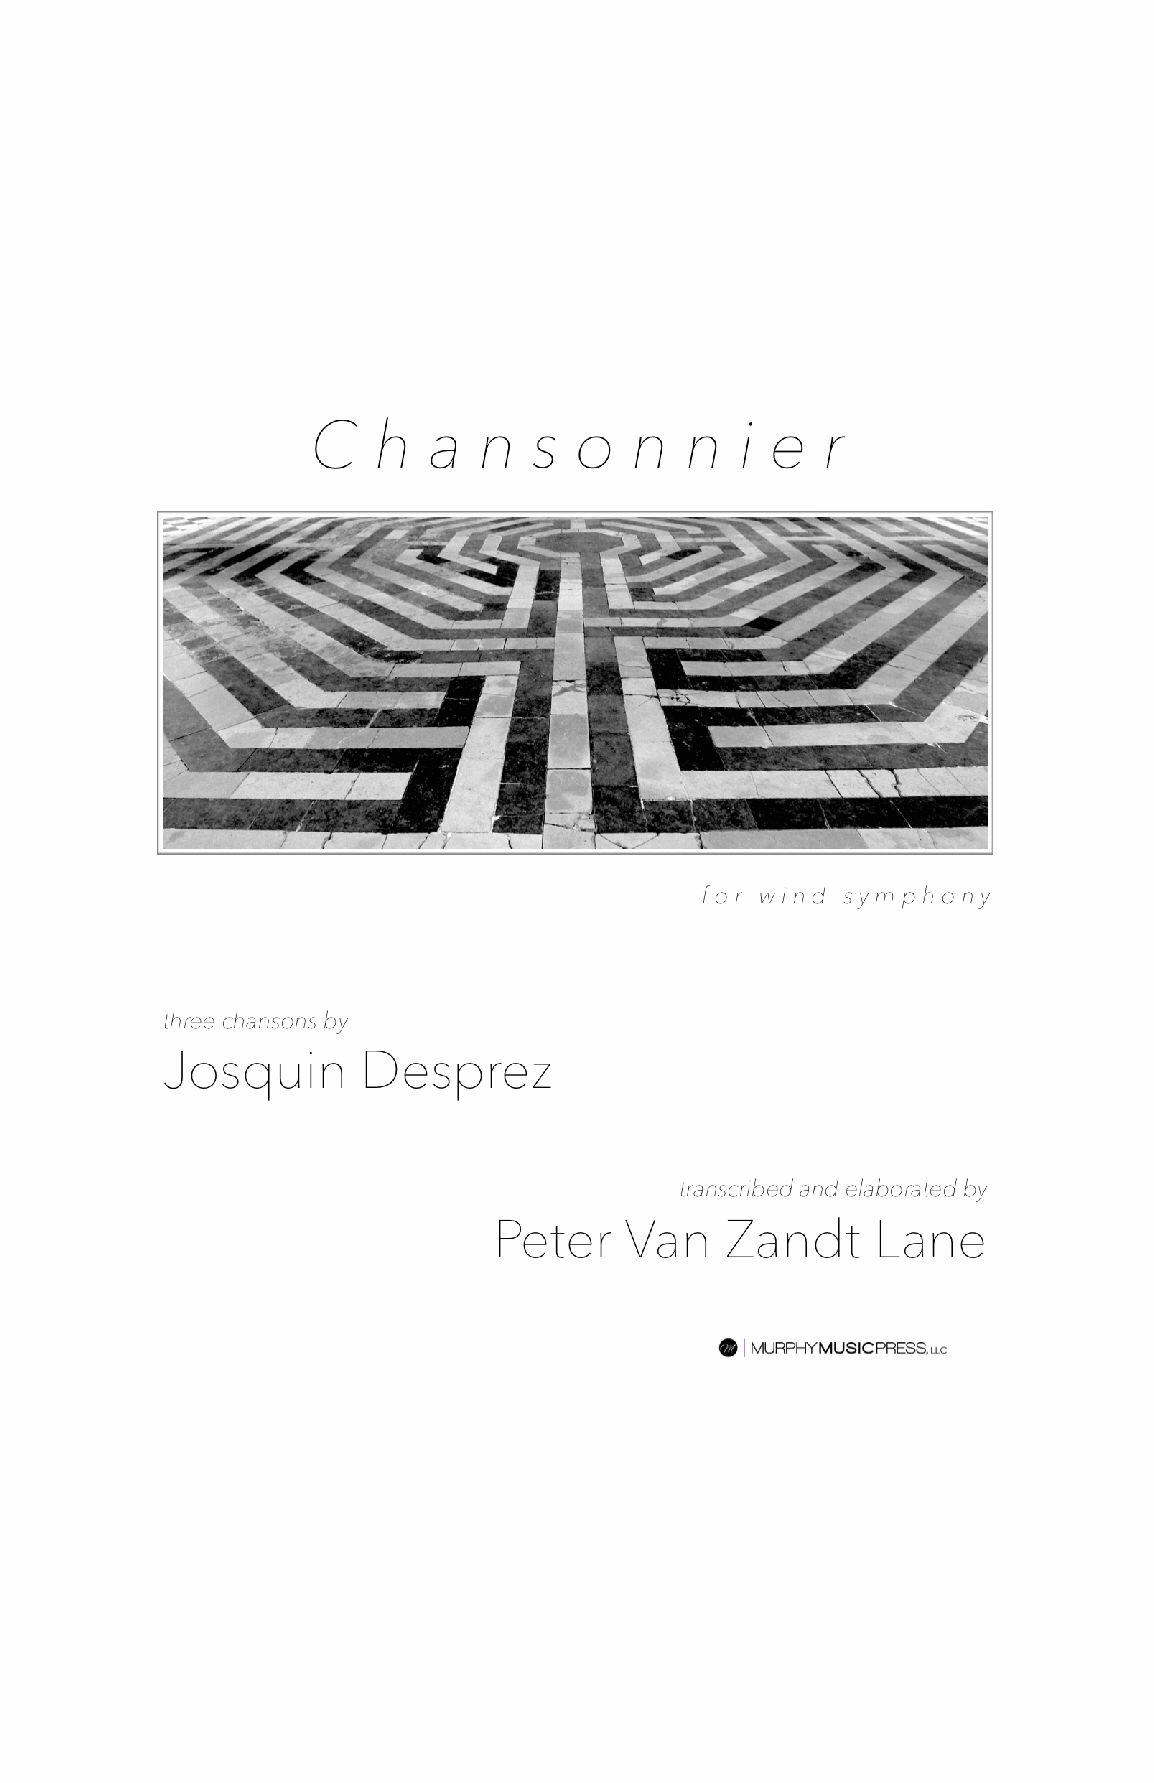 Chansonnier by Peter Van Zandt Lane